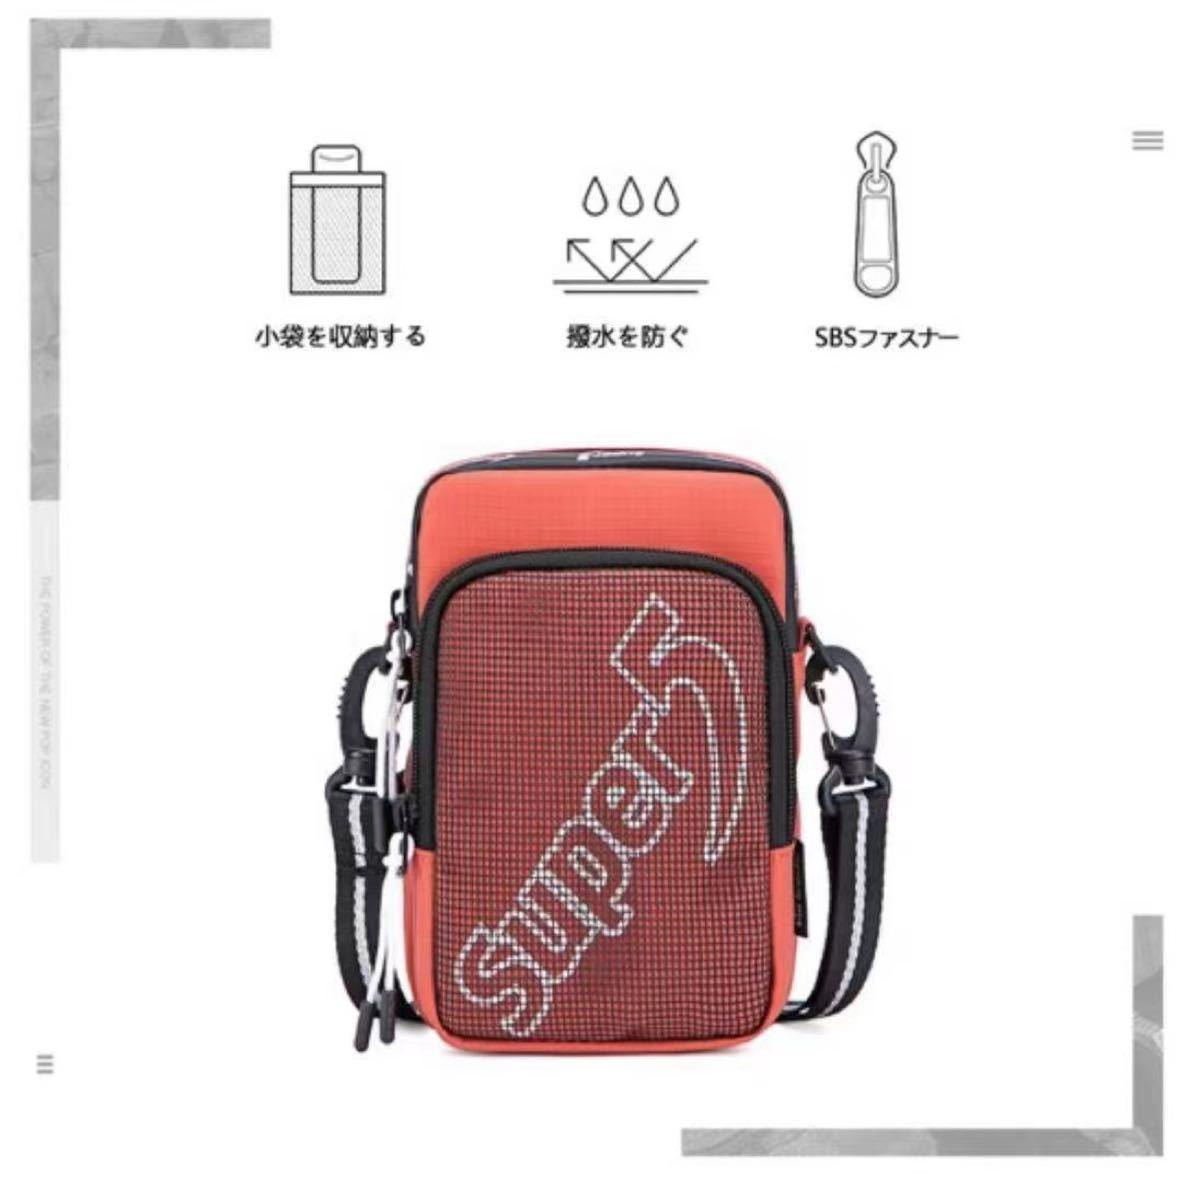 ウエストバッグボディバッグ ショルダーバッグ 斜め掛けバッグおしゃれ軽量防水大容量ワンショルダー 男女兼用